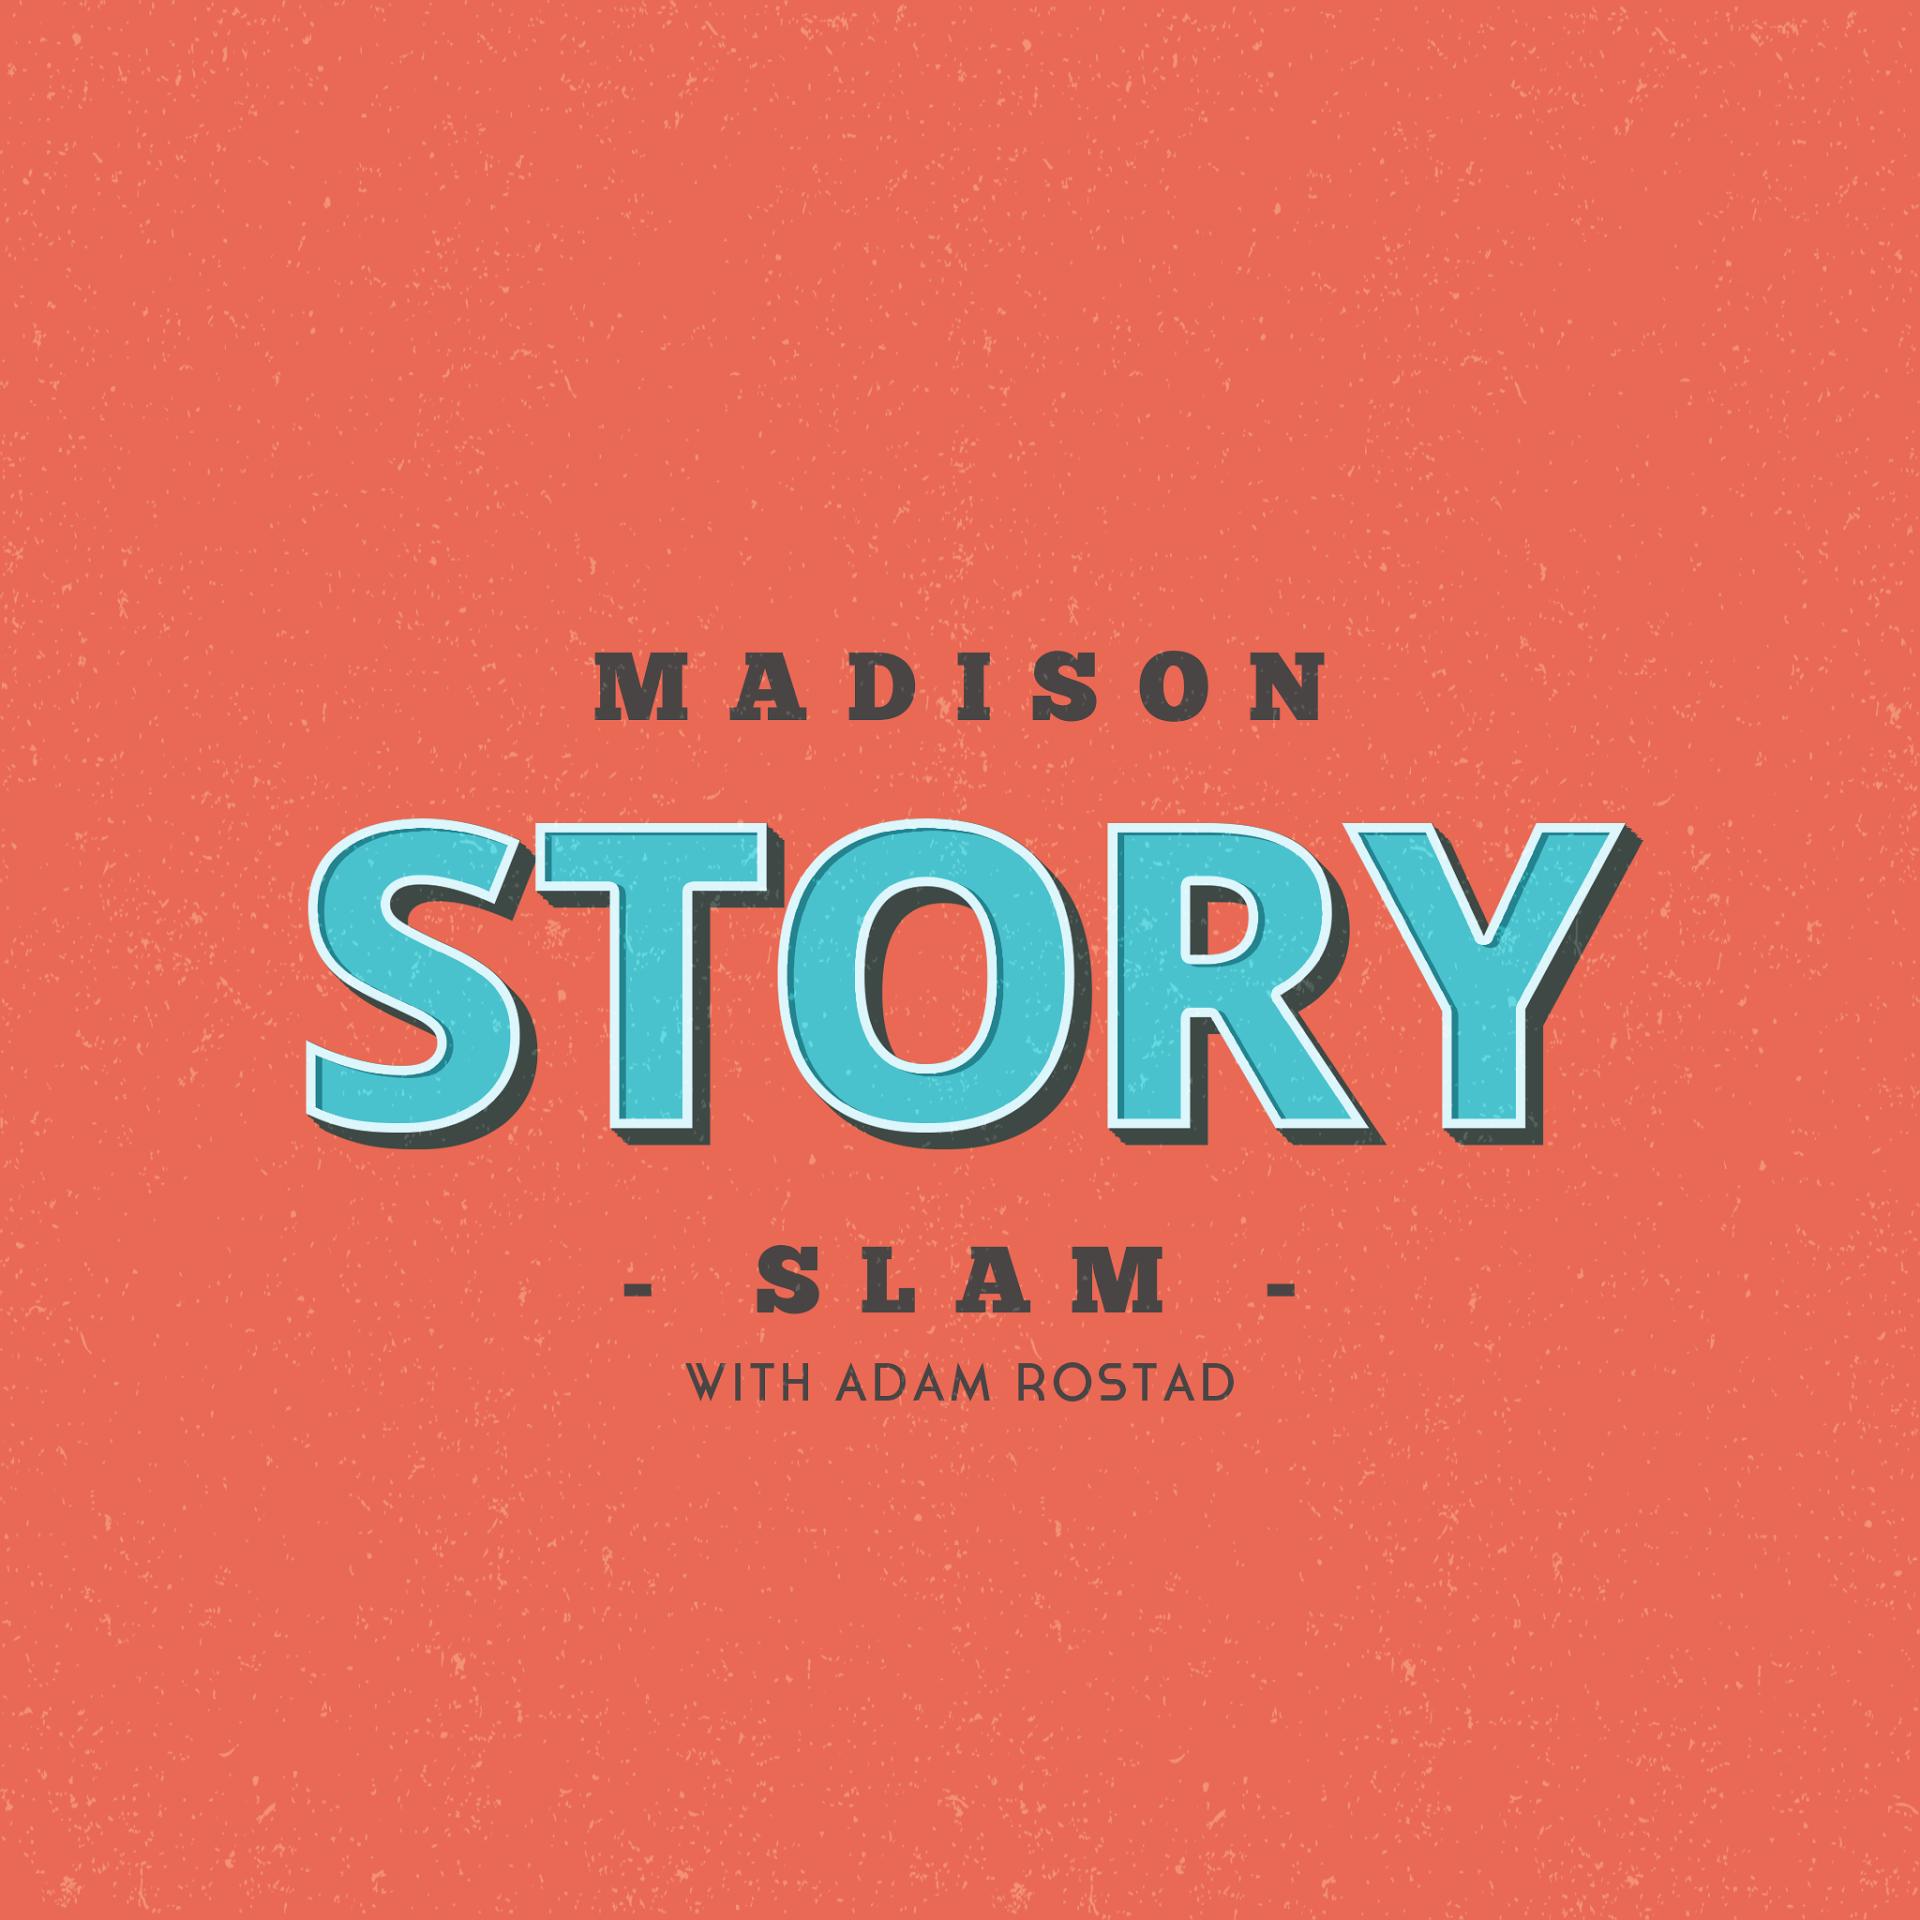 Madison Story Slam